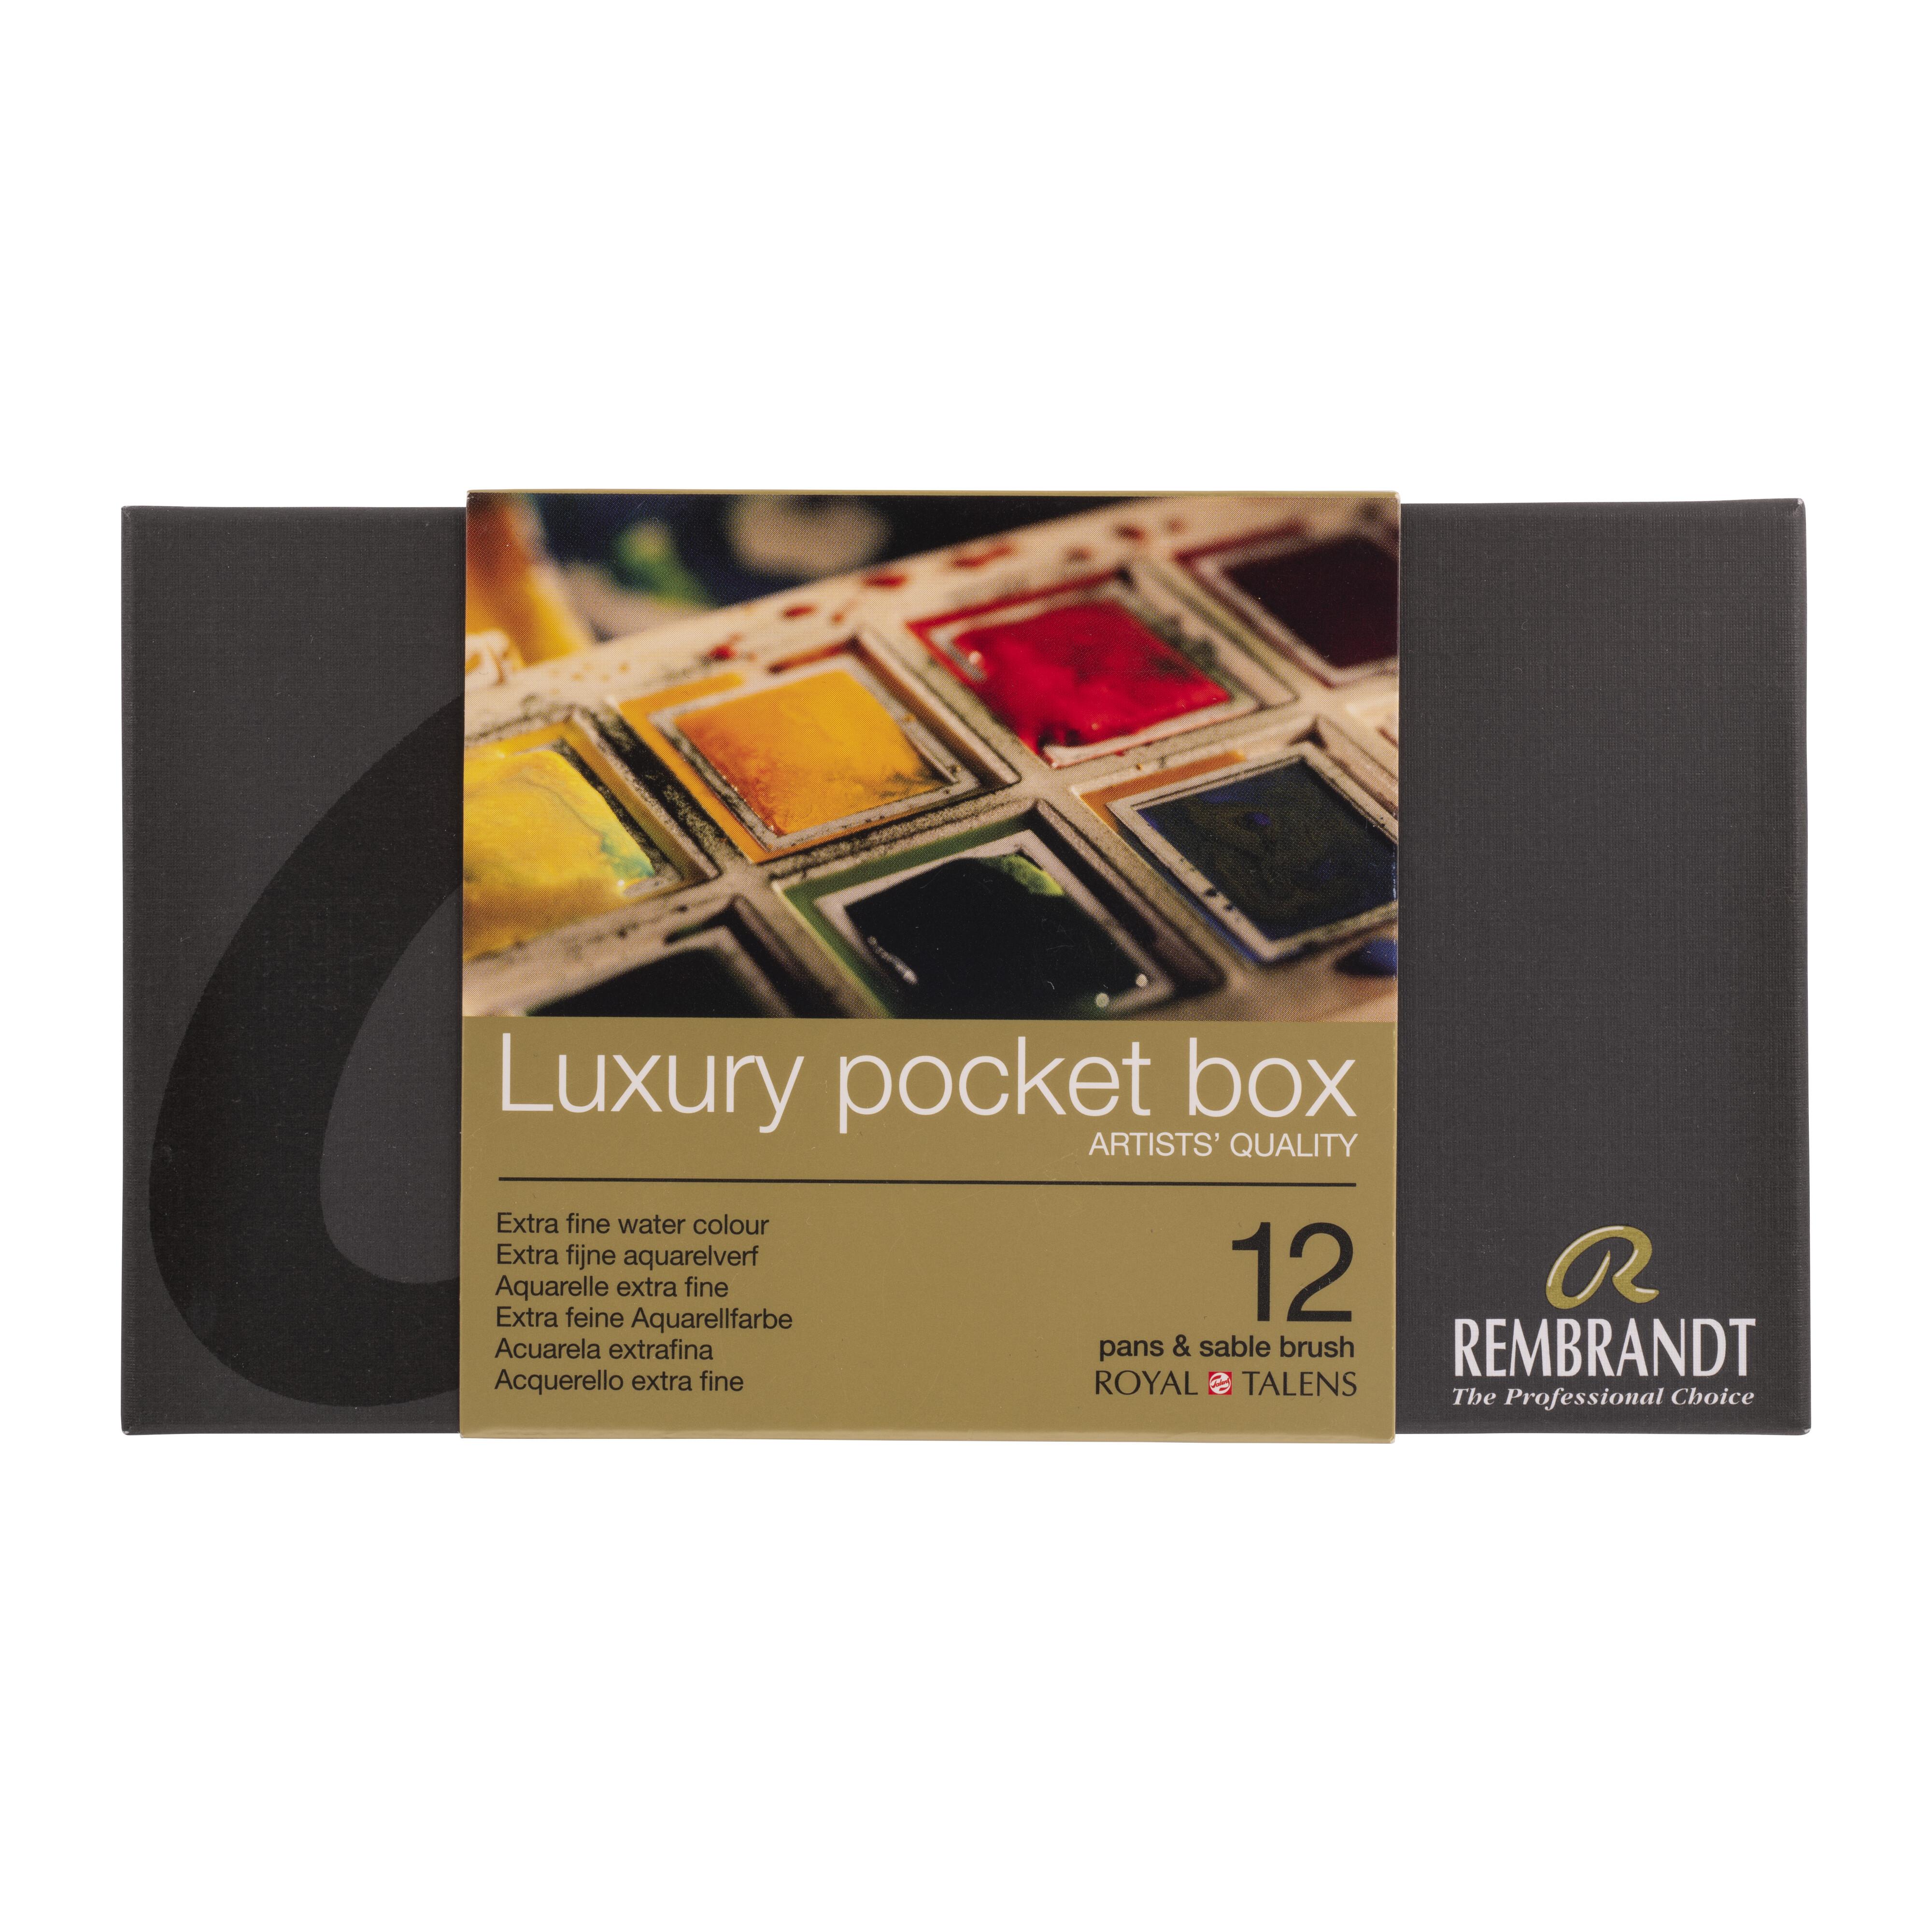 Rembrandt Professional Watercolour Paint, Plastic Pocketbox Set, 12 Half Pans + 1 Brush, General colour Selection